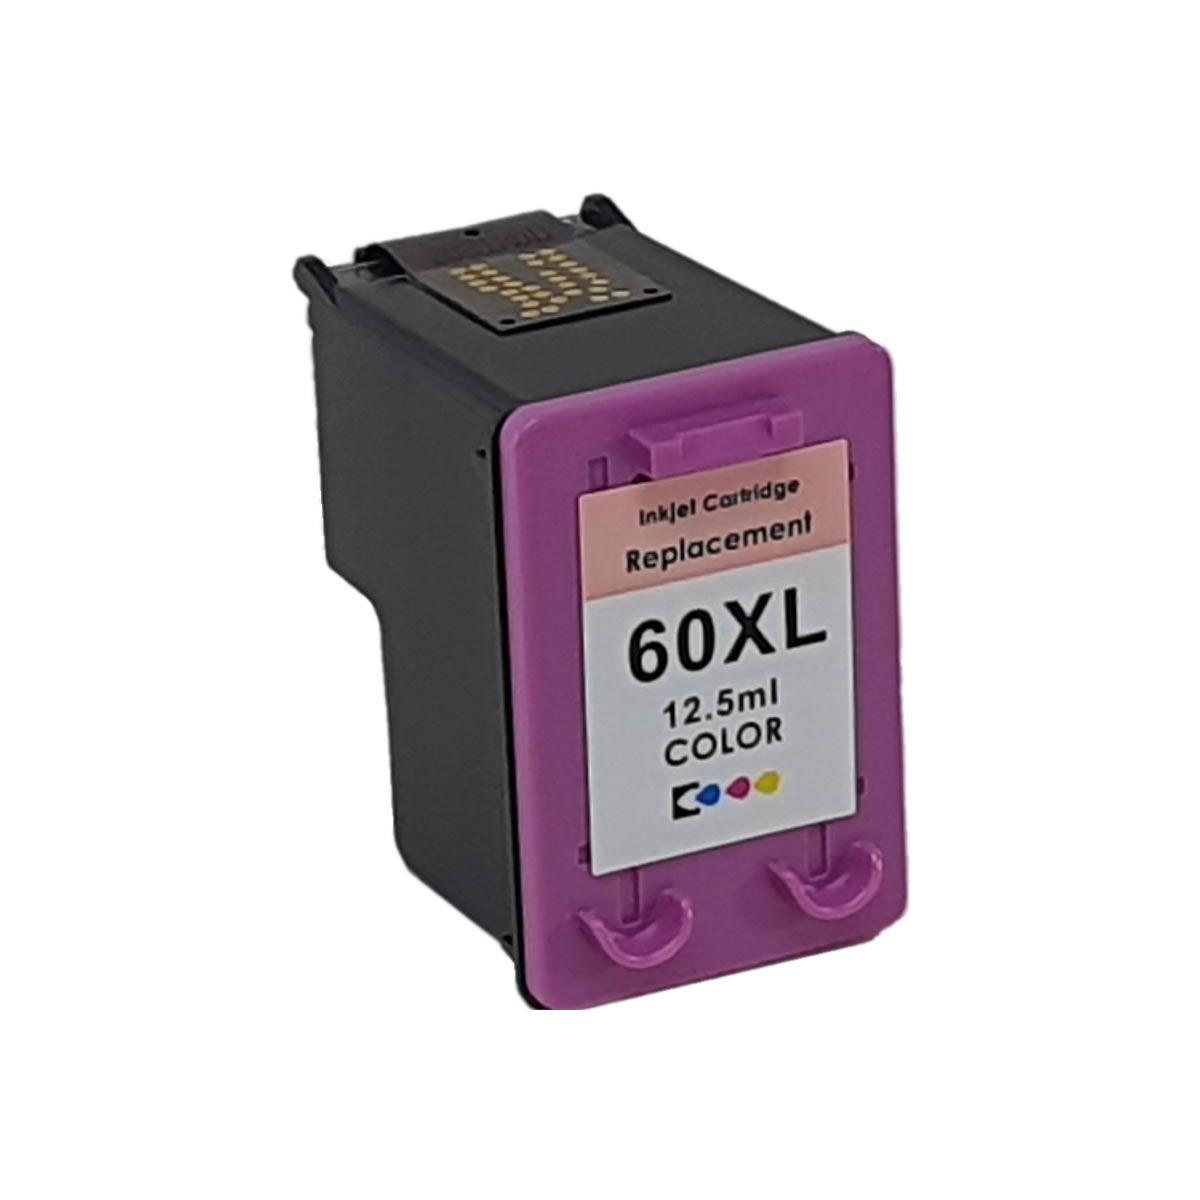 Kit 2 Cartucho 60xl Compatível com D1660 F4280 F4580 C4680 D110 da HP